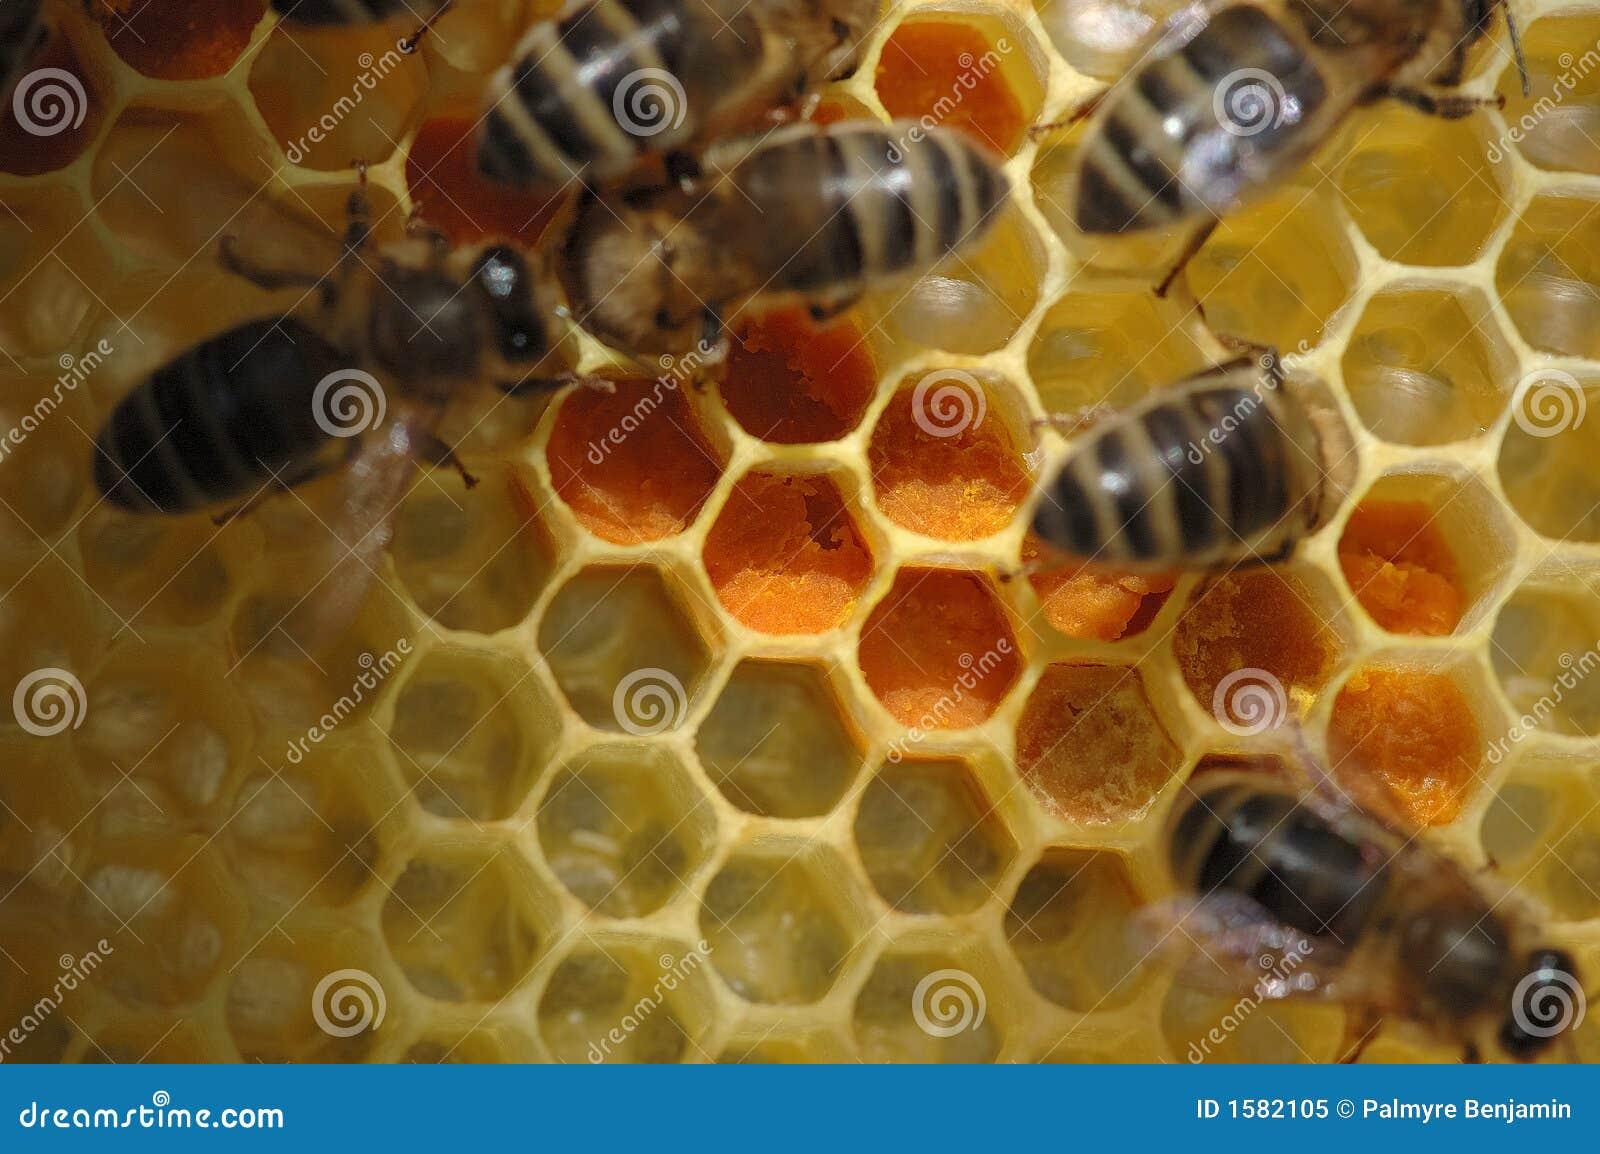 Nid d 39 abeilles avec des abeilles photo libre de droits for Carrelage nid d abeille